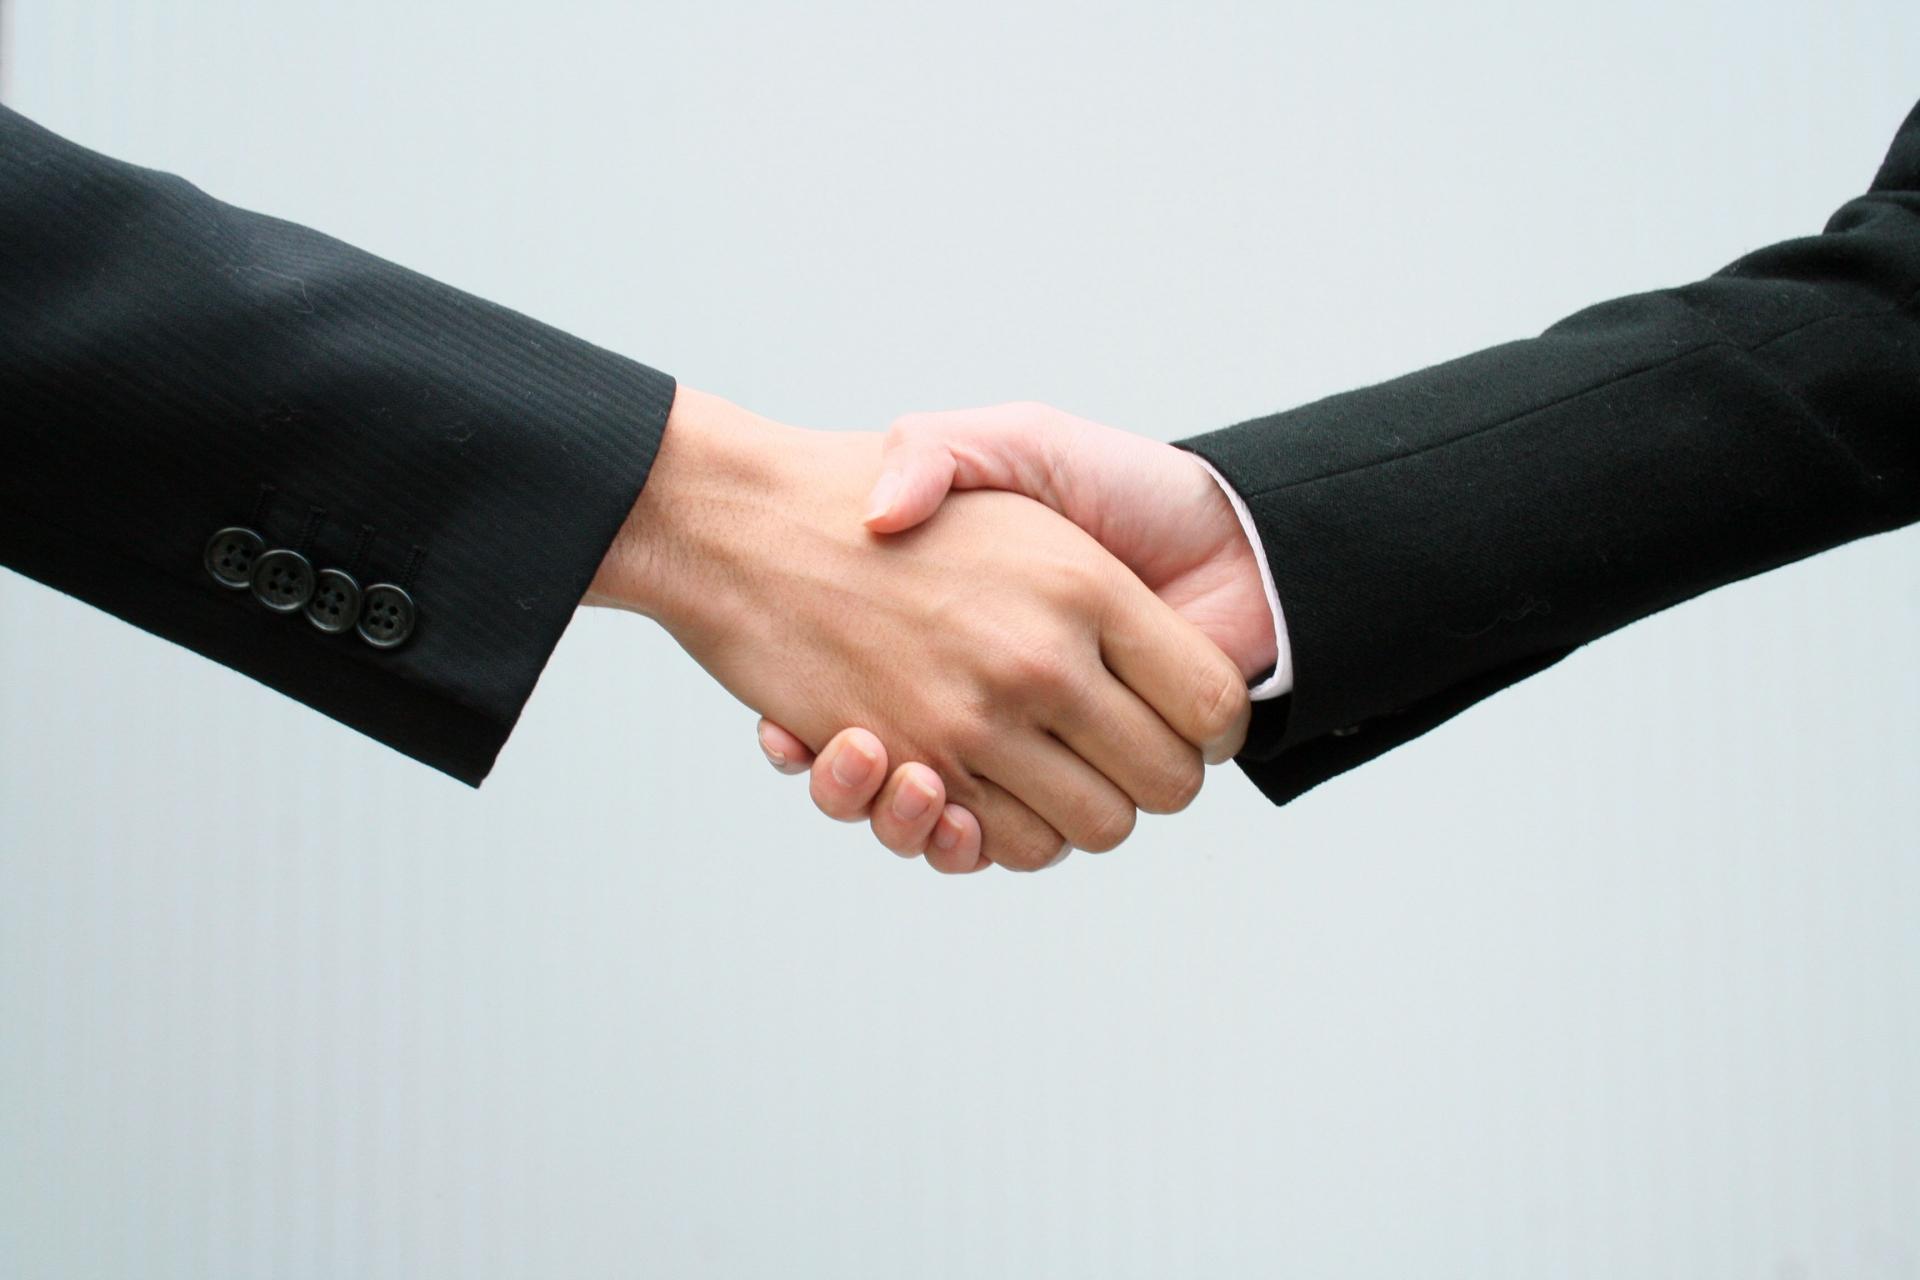 営業マンの「とりあえず契約を」はあなたの為の契約ではない